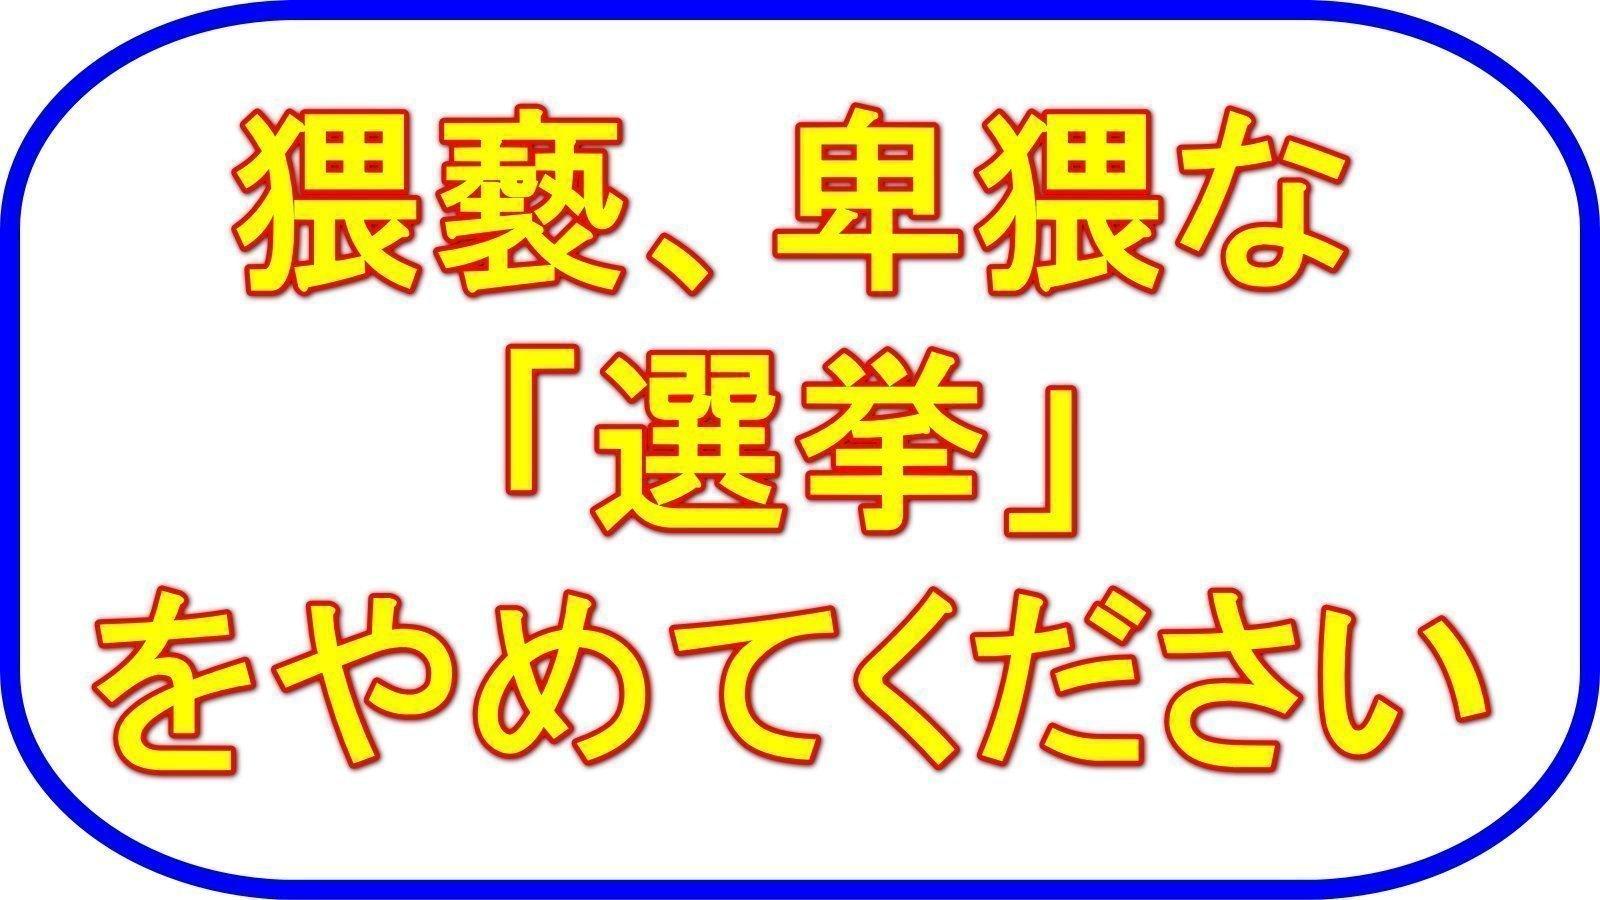 後藤 輝樹 ポスター